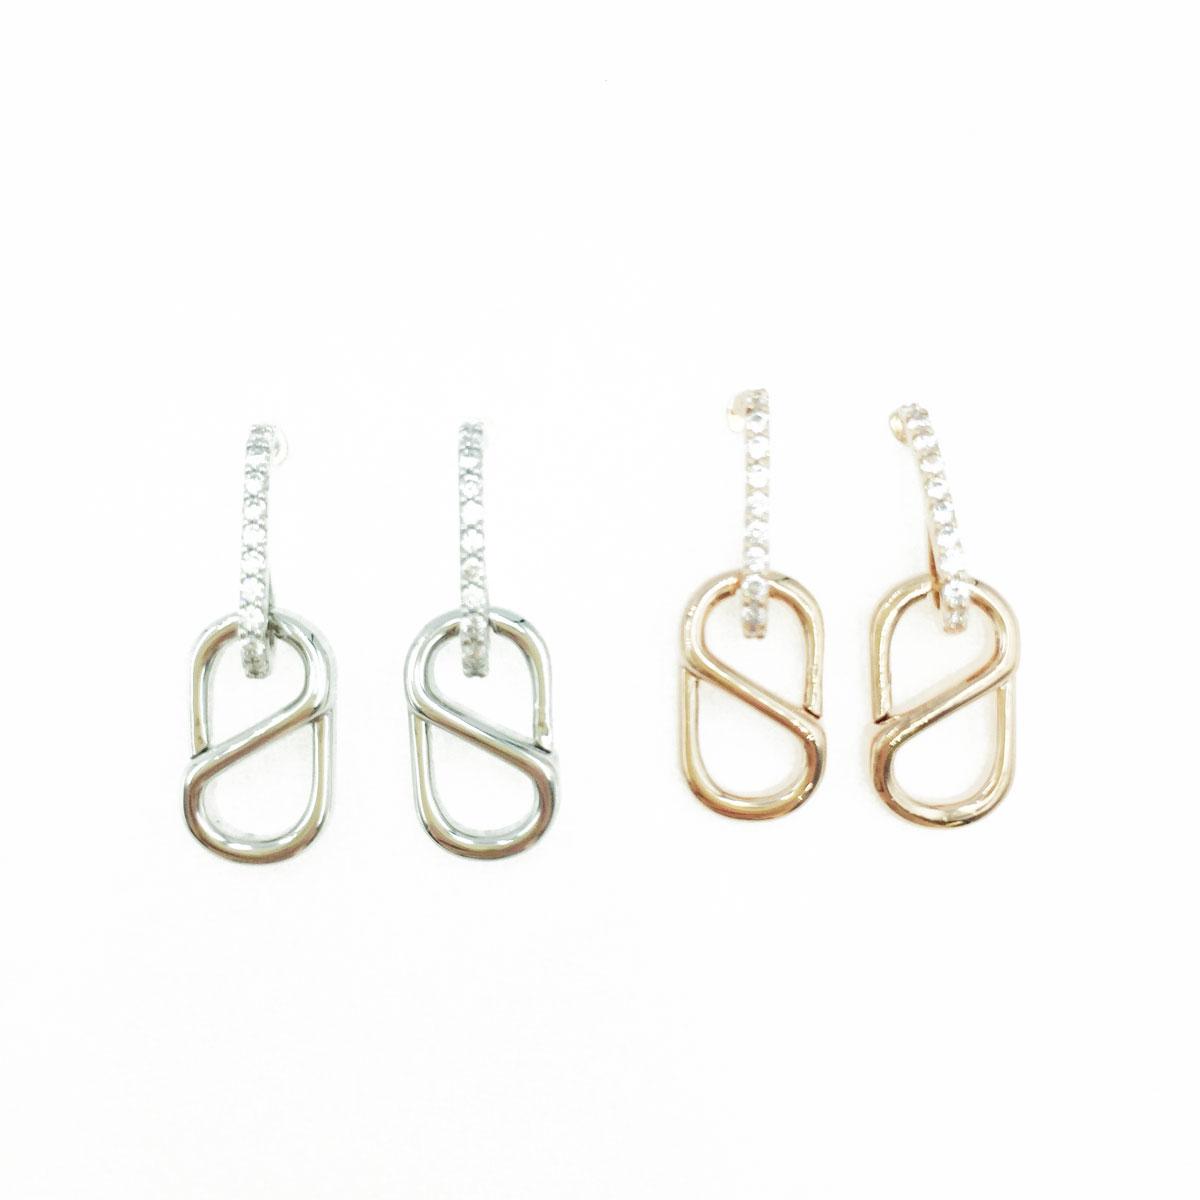 韓國 925純銀 水鑽 造型 銀 玫瑰金 明星款飾品 耳針式耳環